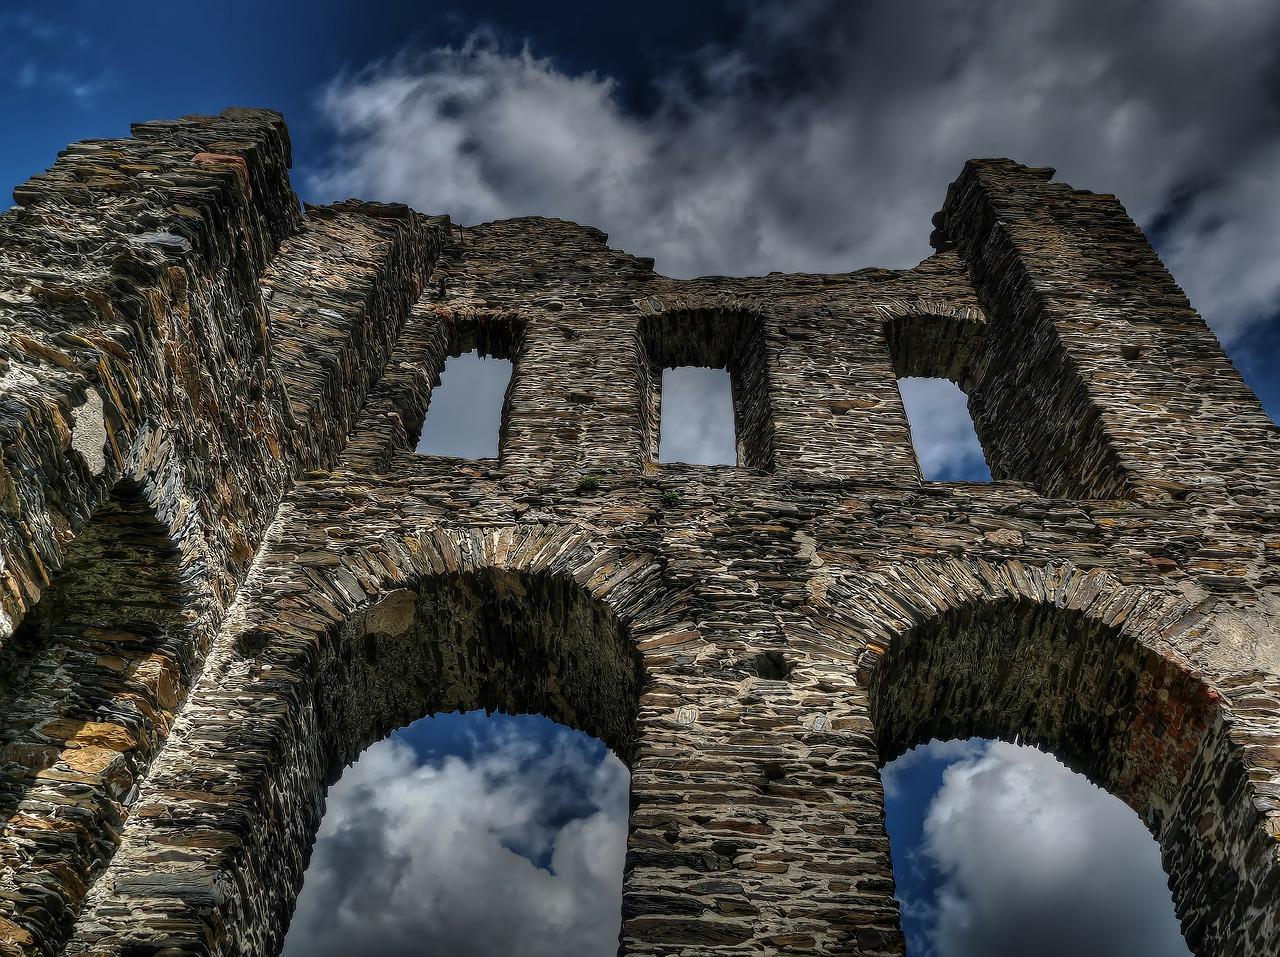 Chciał popełnić samobójstwo skacząc z ruin zamku - Zdjęcie główne